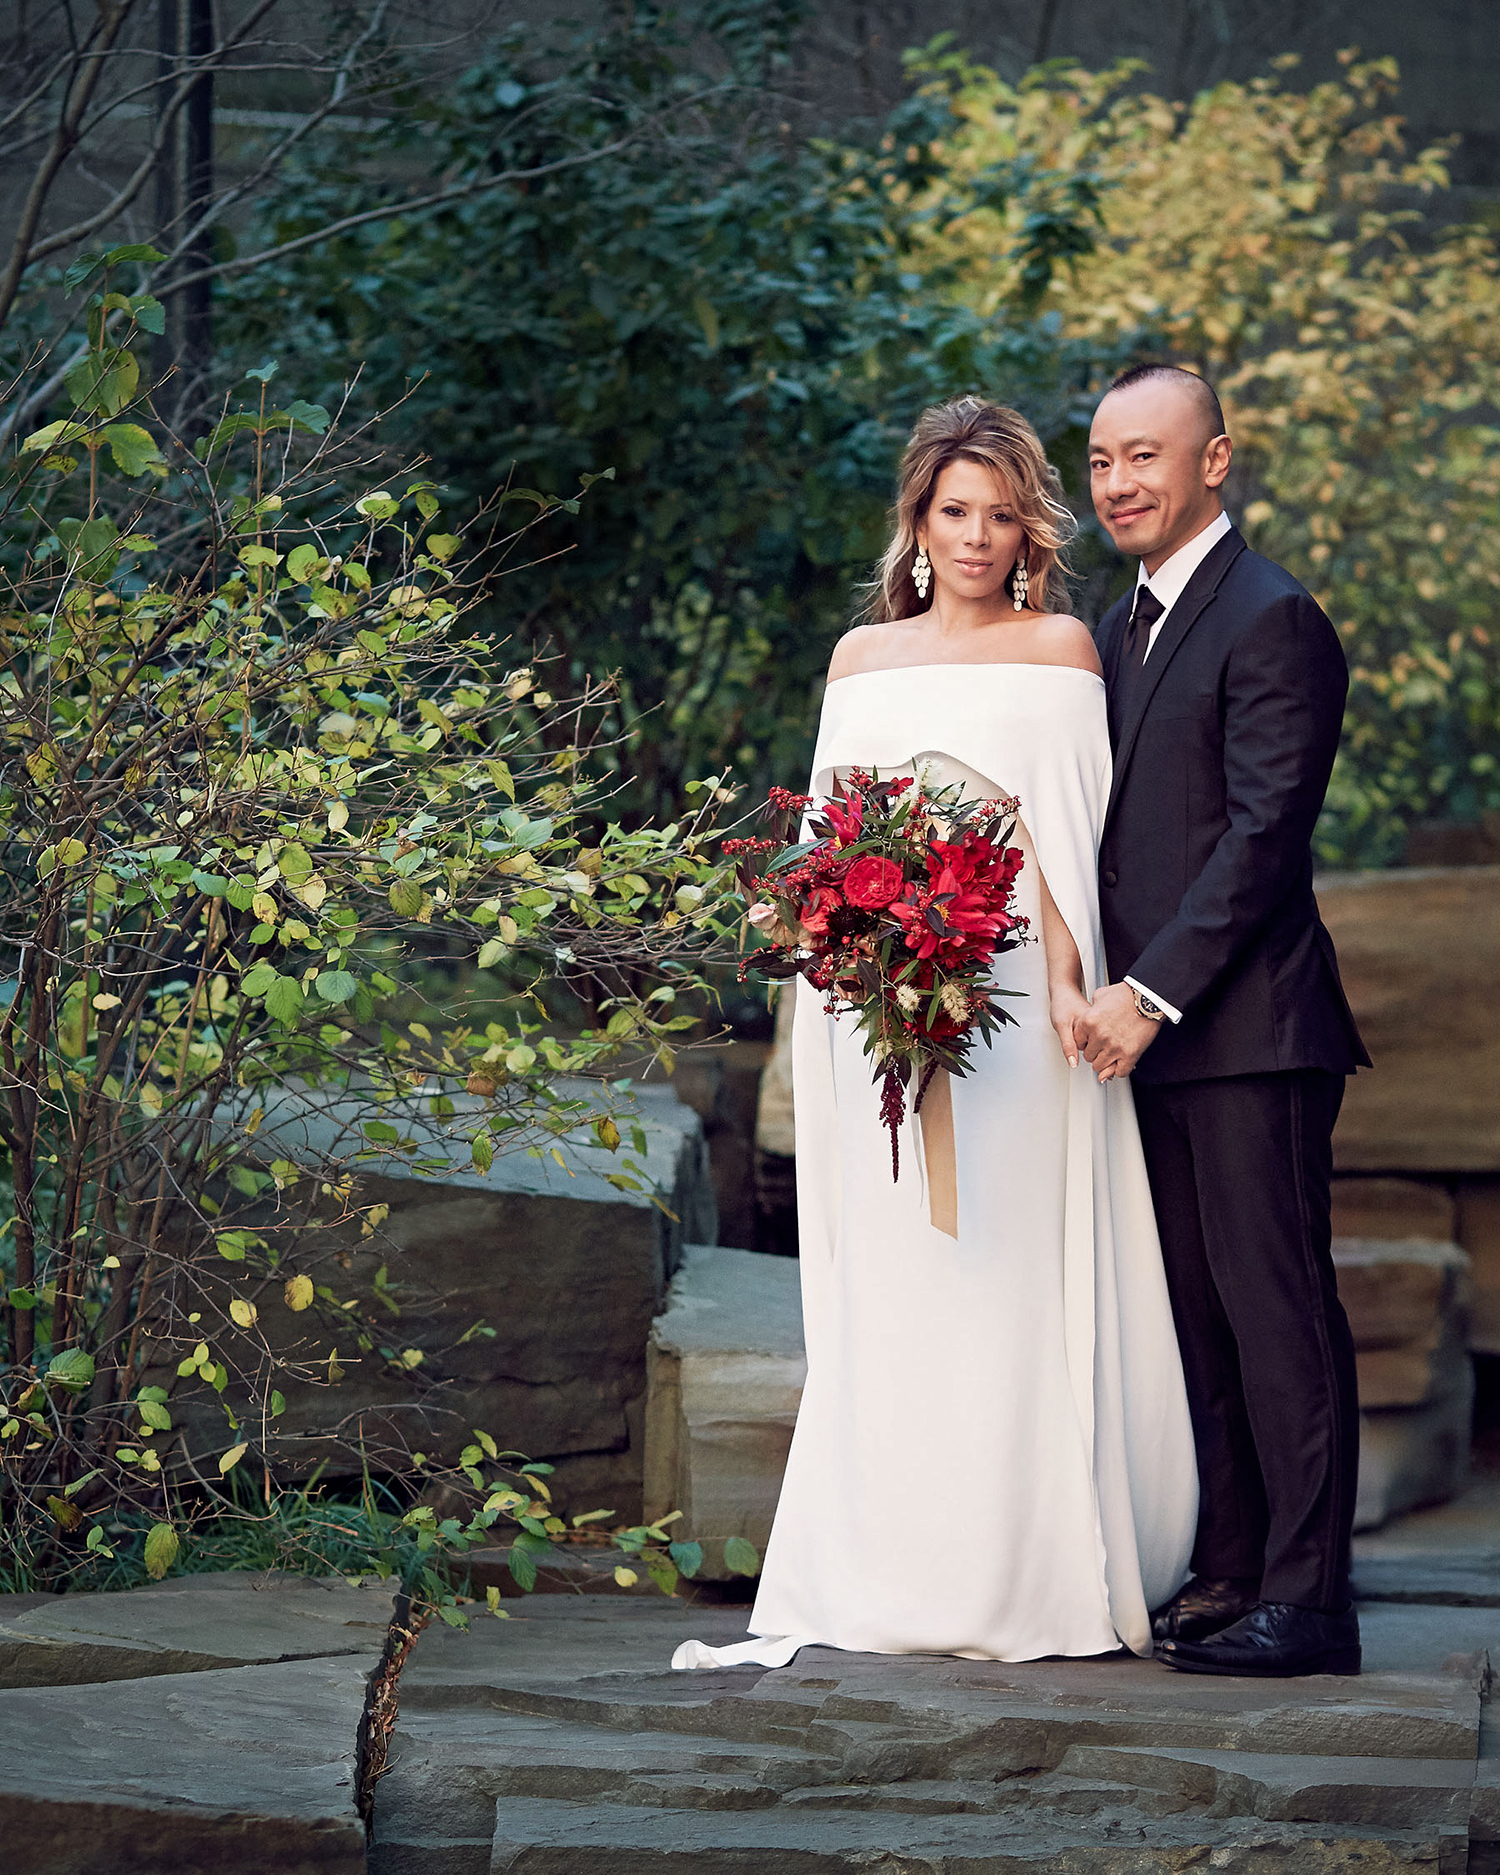 daisy eugene wedding couple portrait